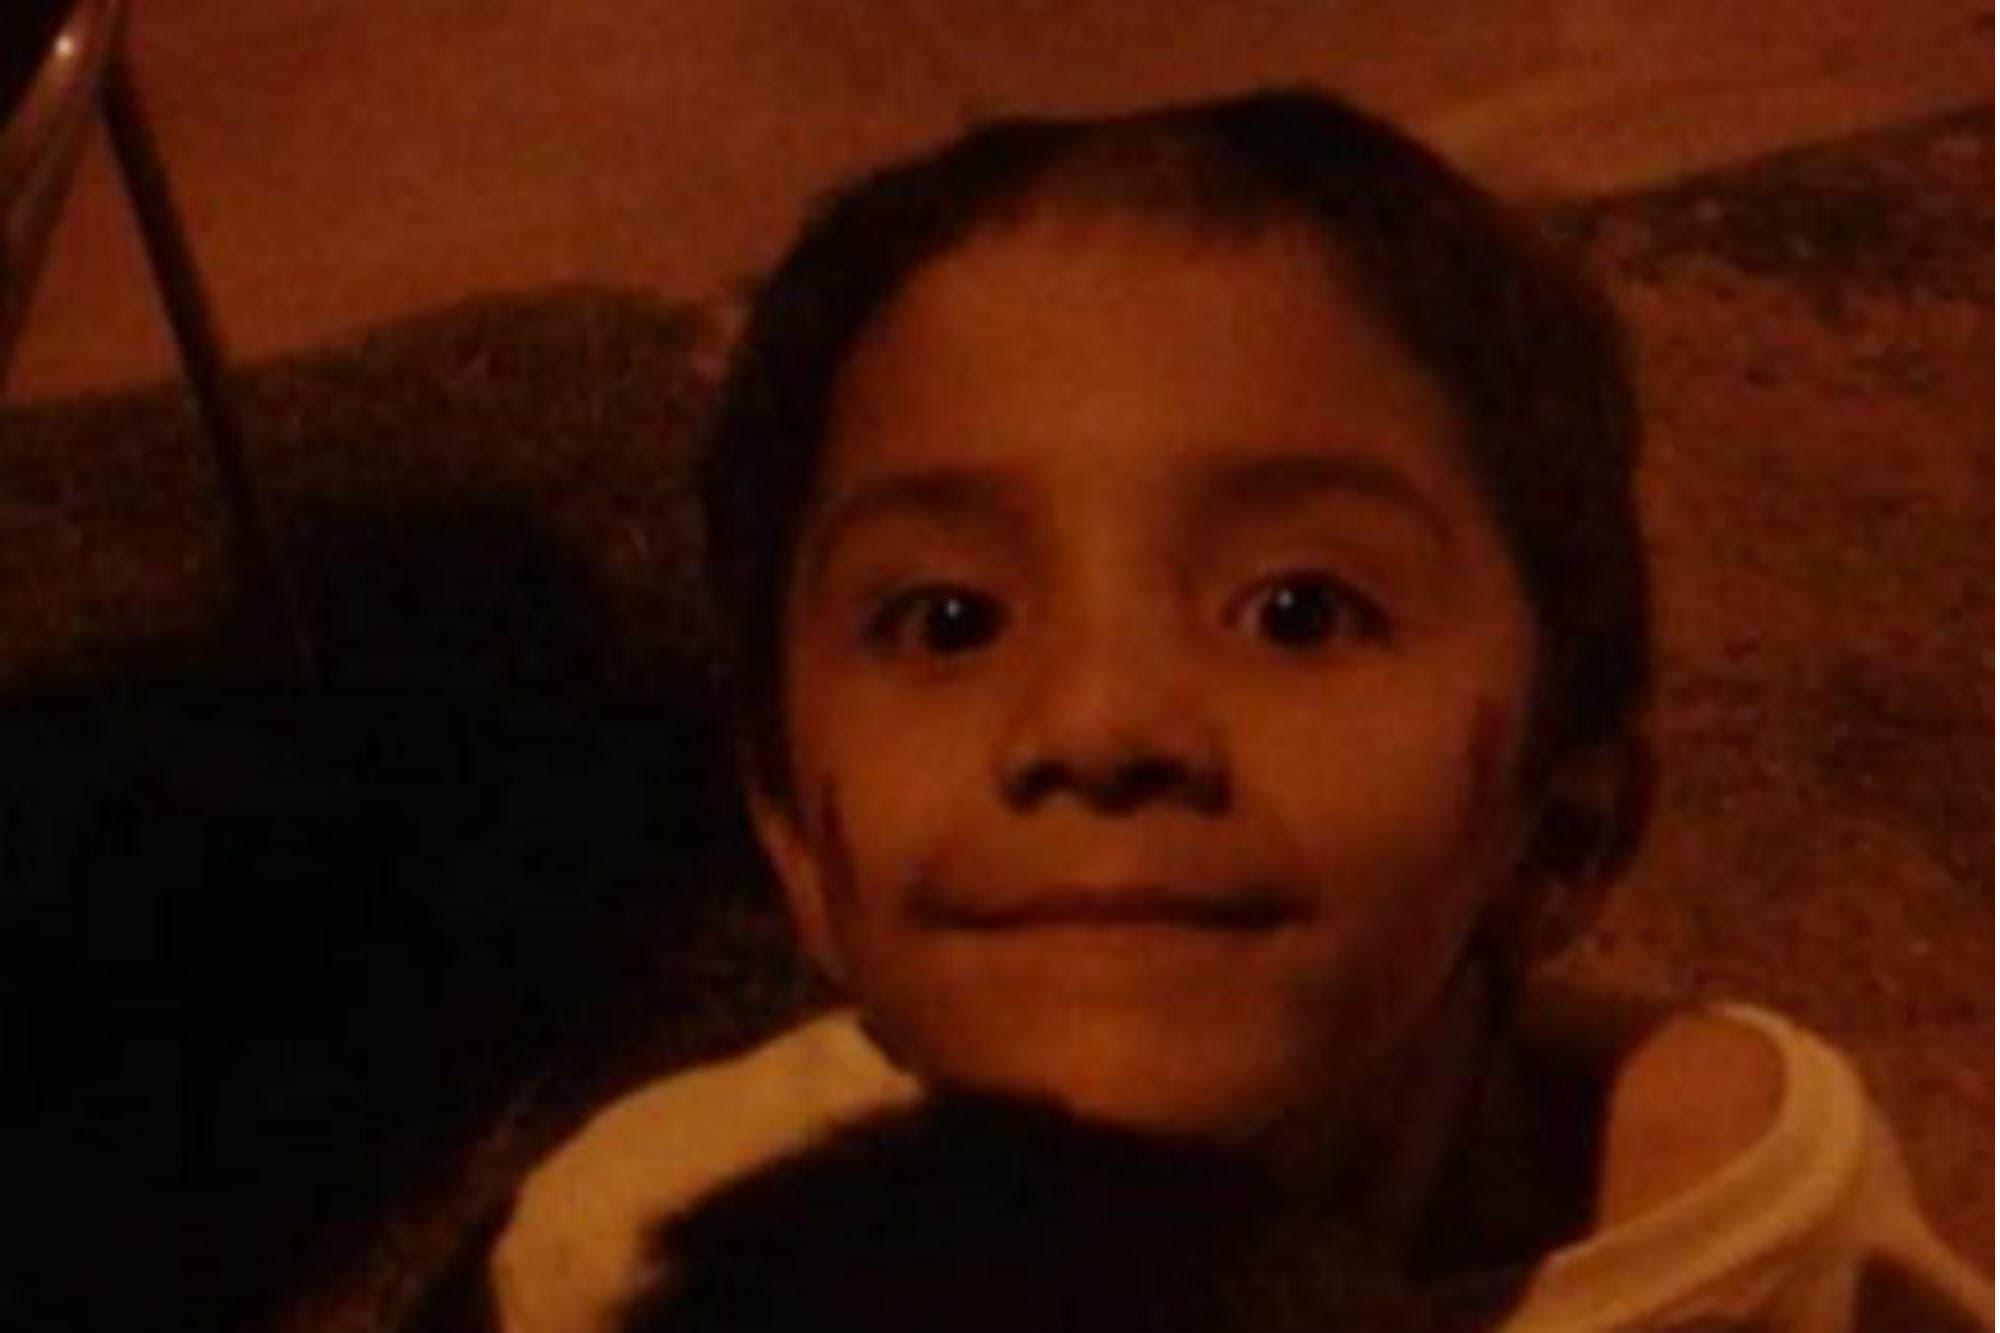 San Juan: buscaban a un niño perdido y apareció muerto dentro de un lavarropas